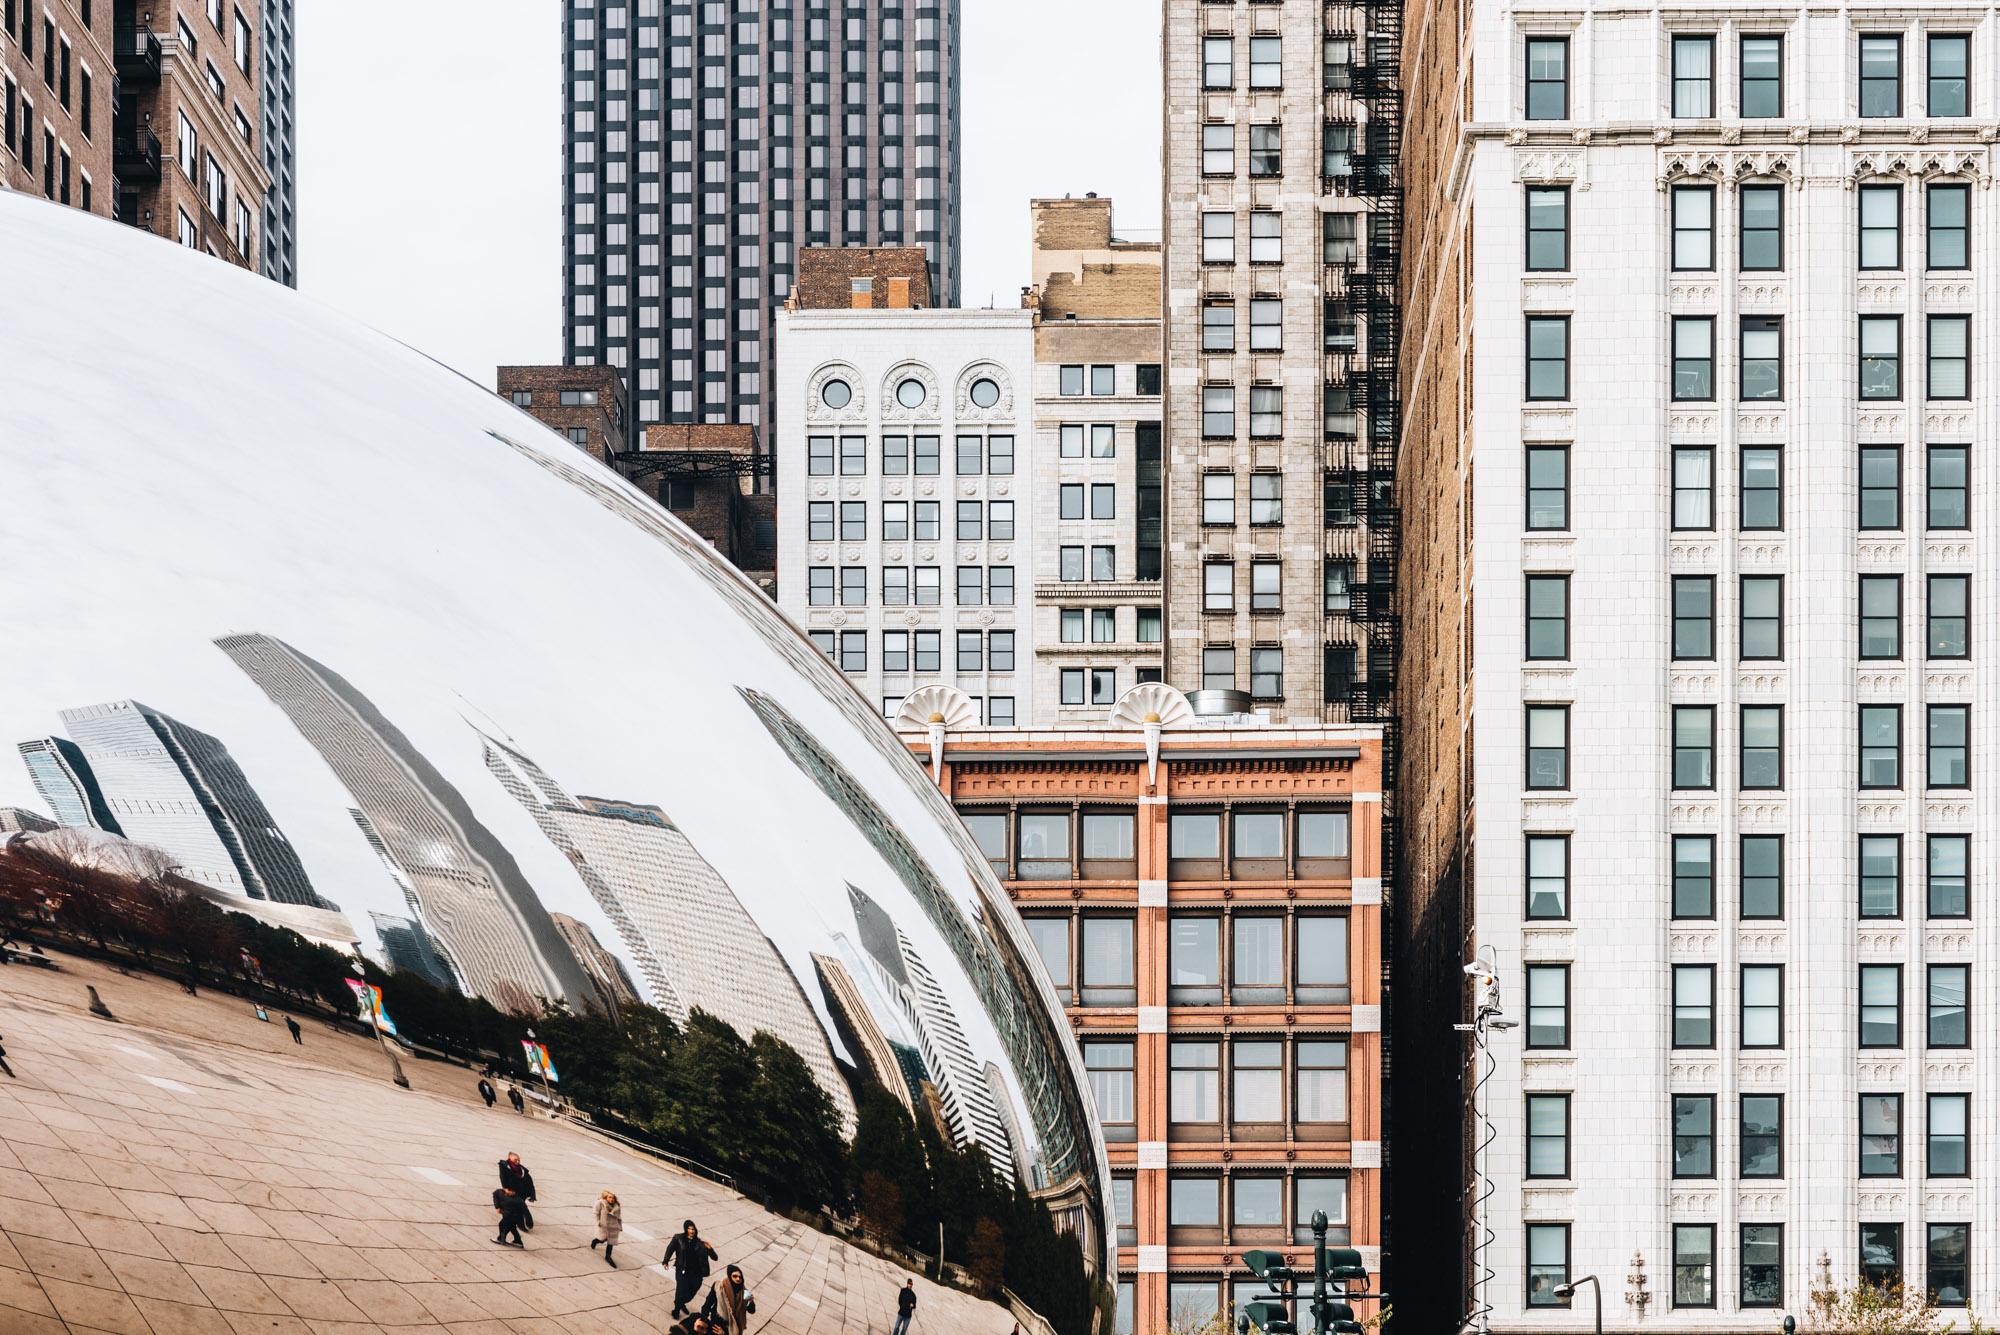 Jeff On The Road - Travel - Chicago - Millenium Park - Cloud Gat